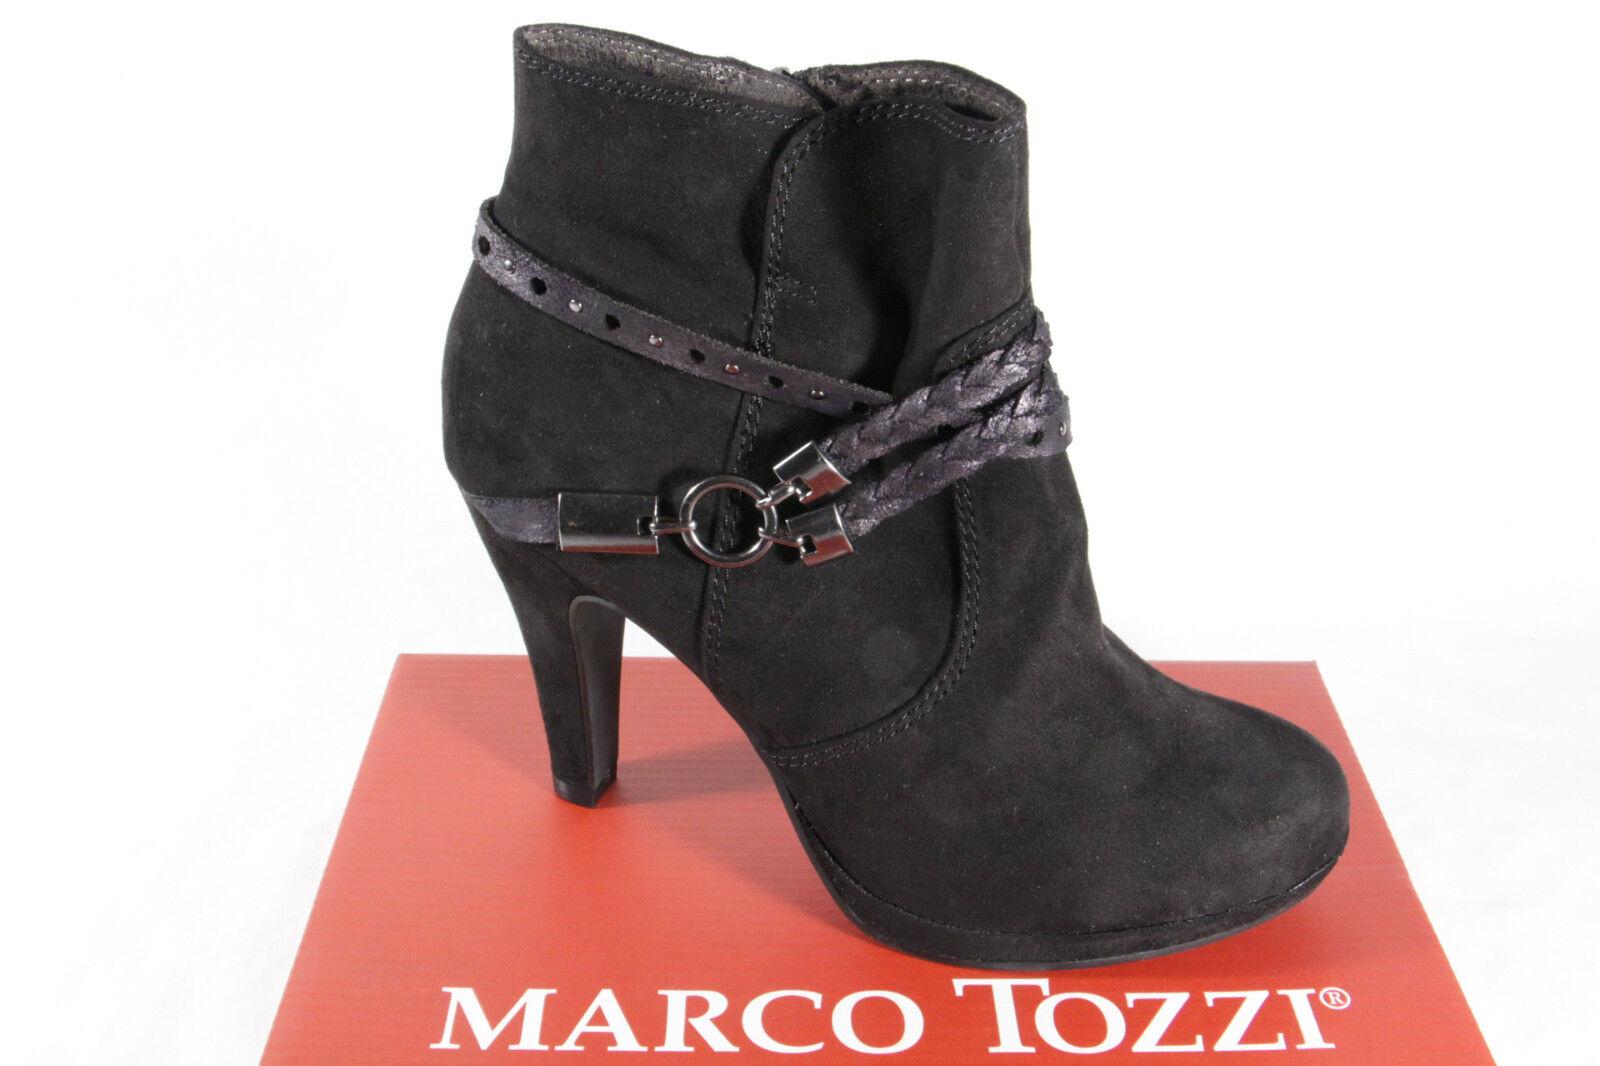 Marco Tozzi Stiefel, Stiefeletten, schwarz, Reißverschluß, gefüttert 25075 NEU